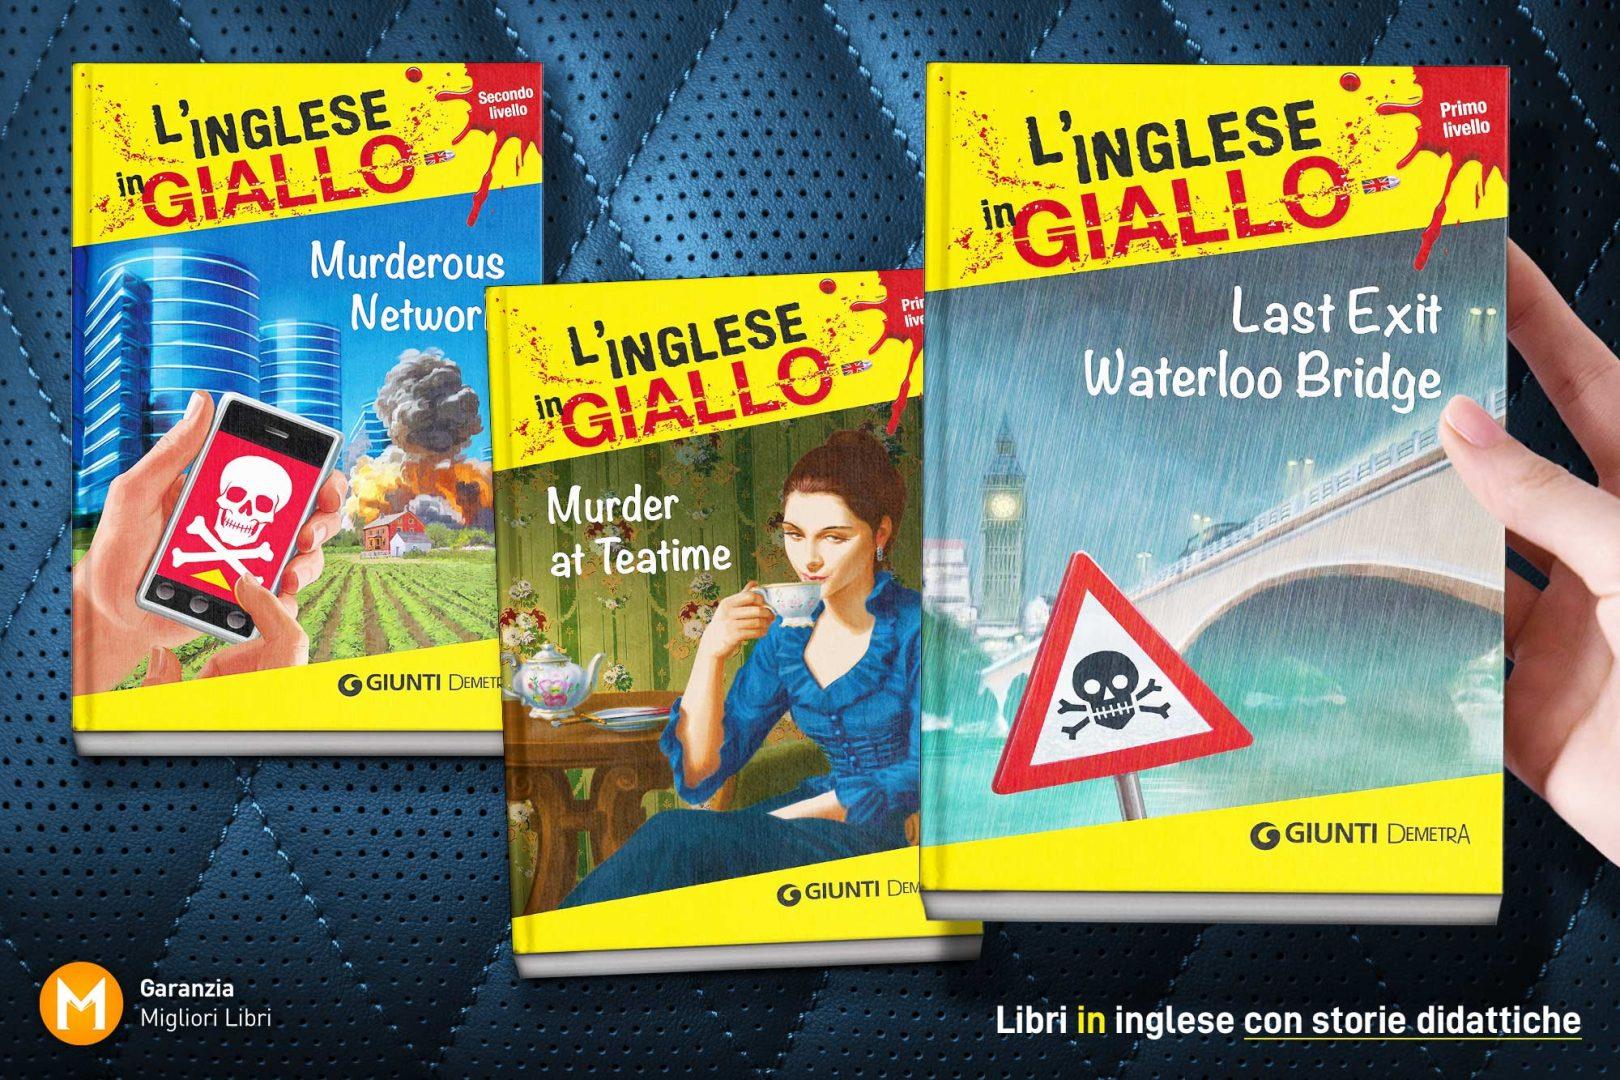 libri-in-inglese